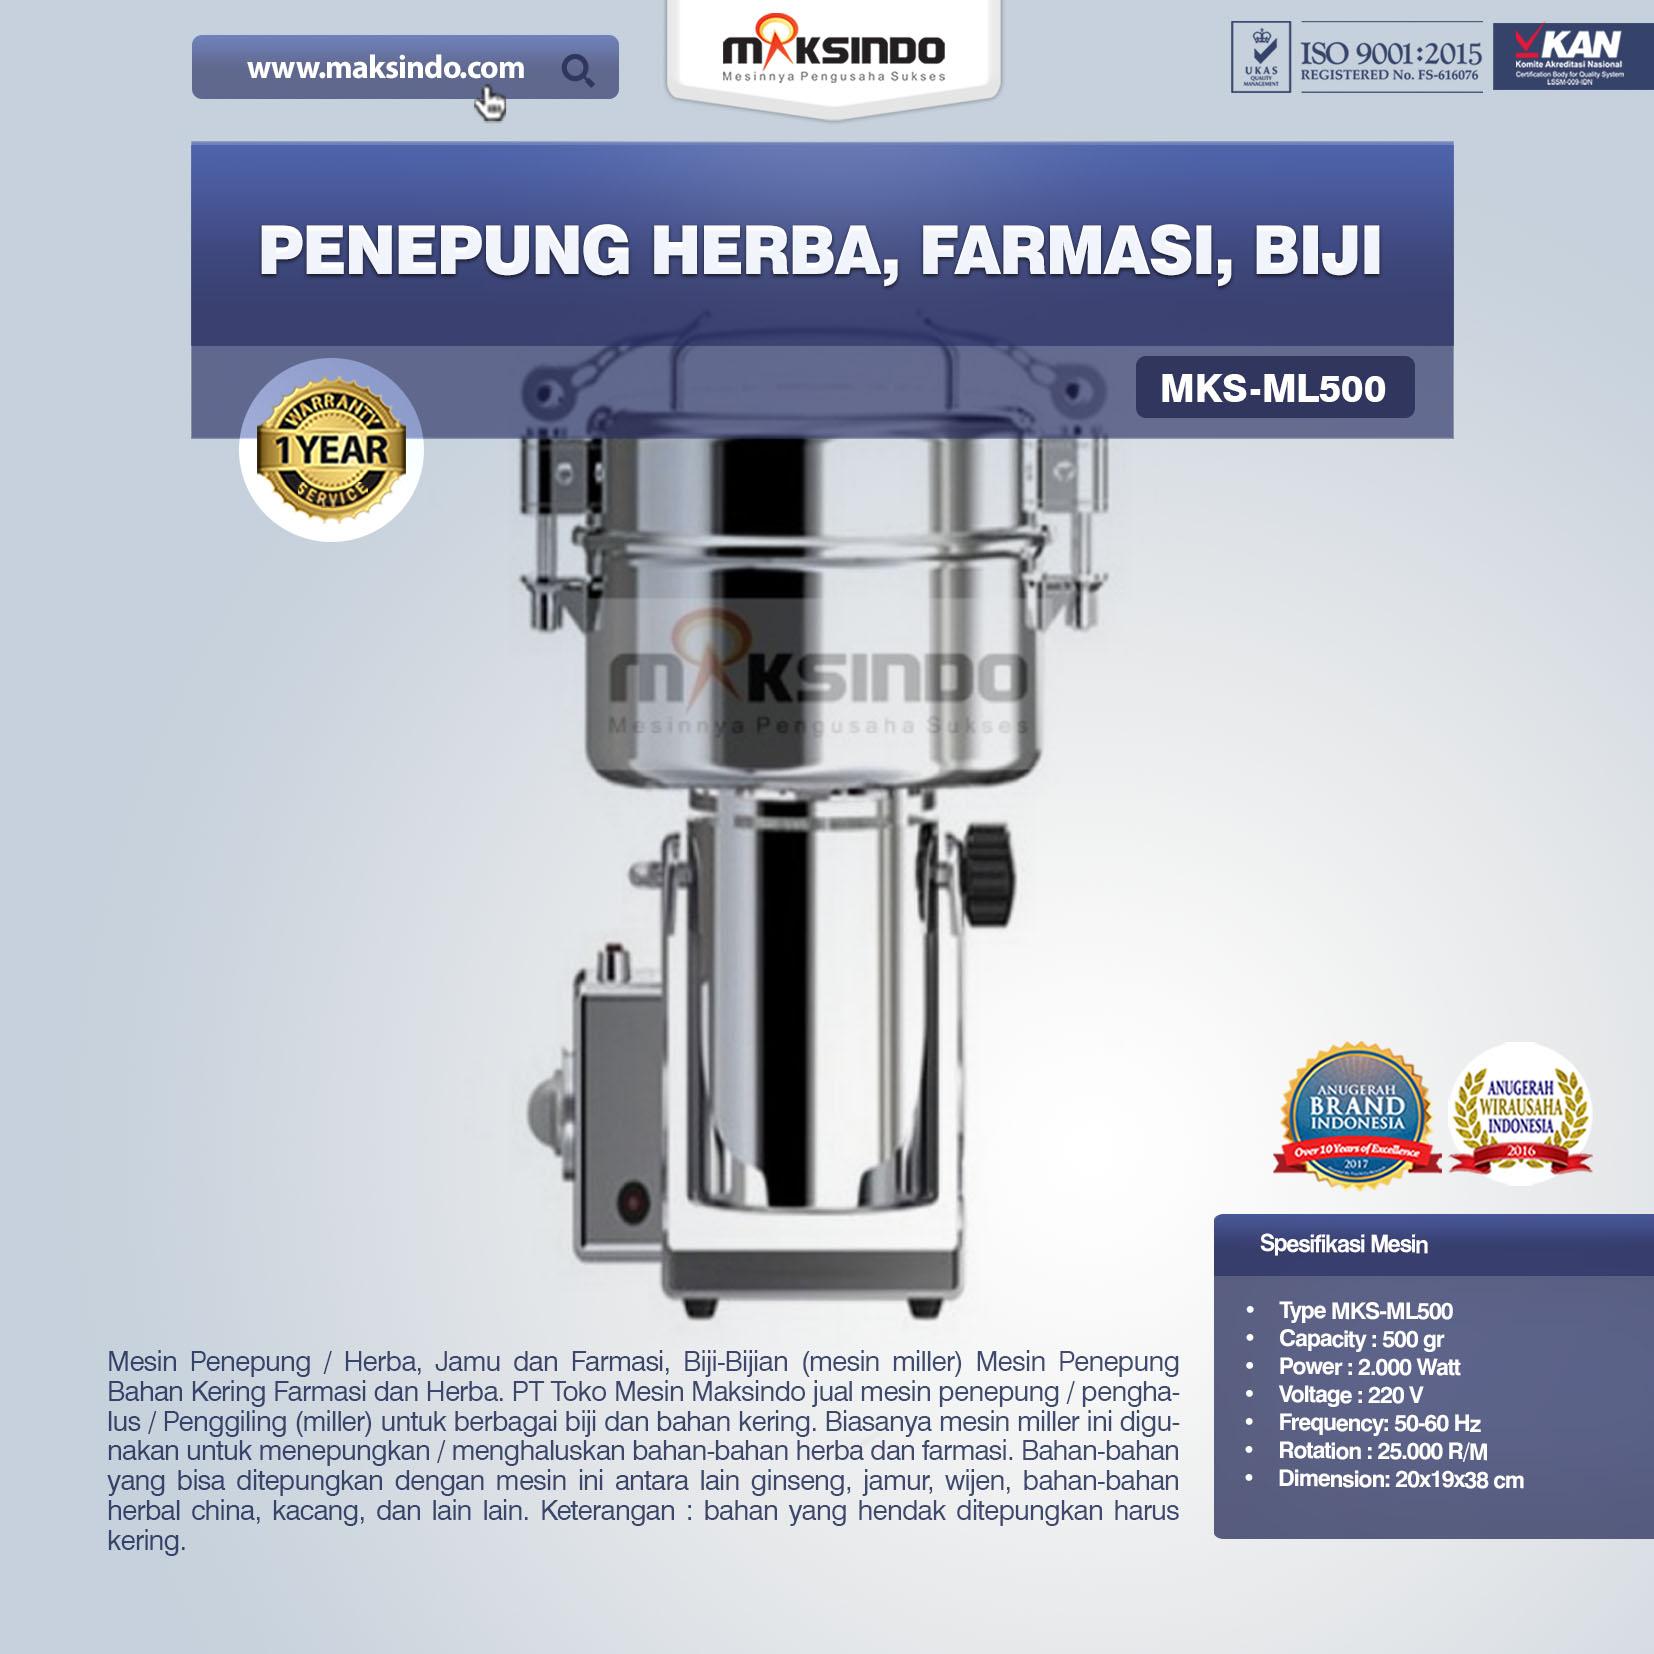 Jual Penepung Herba, Farmasi, Biji (ML500) di Bandung